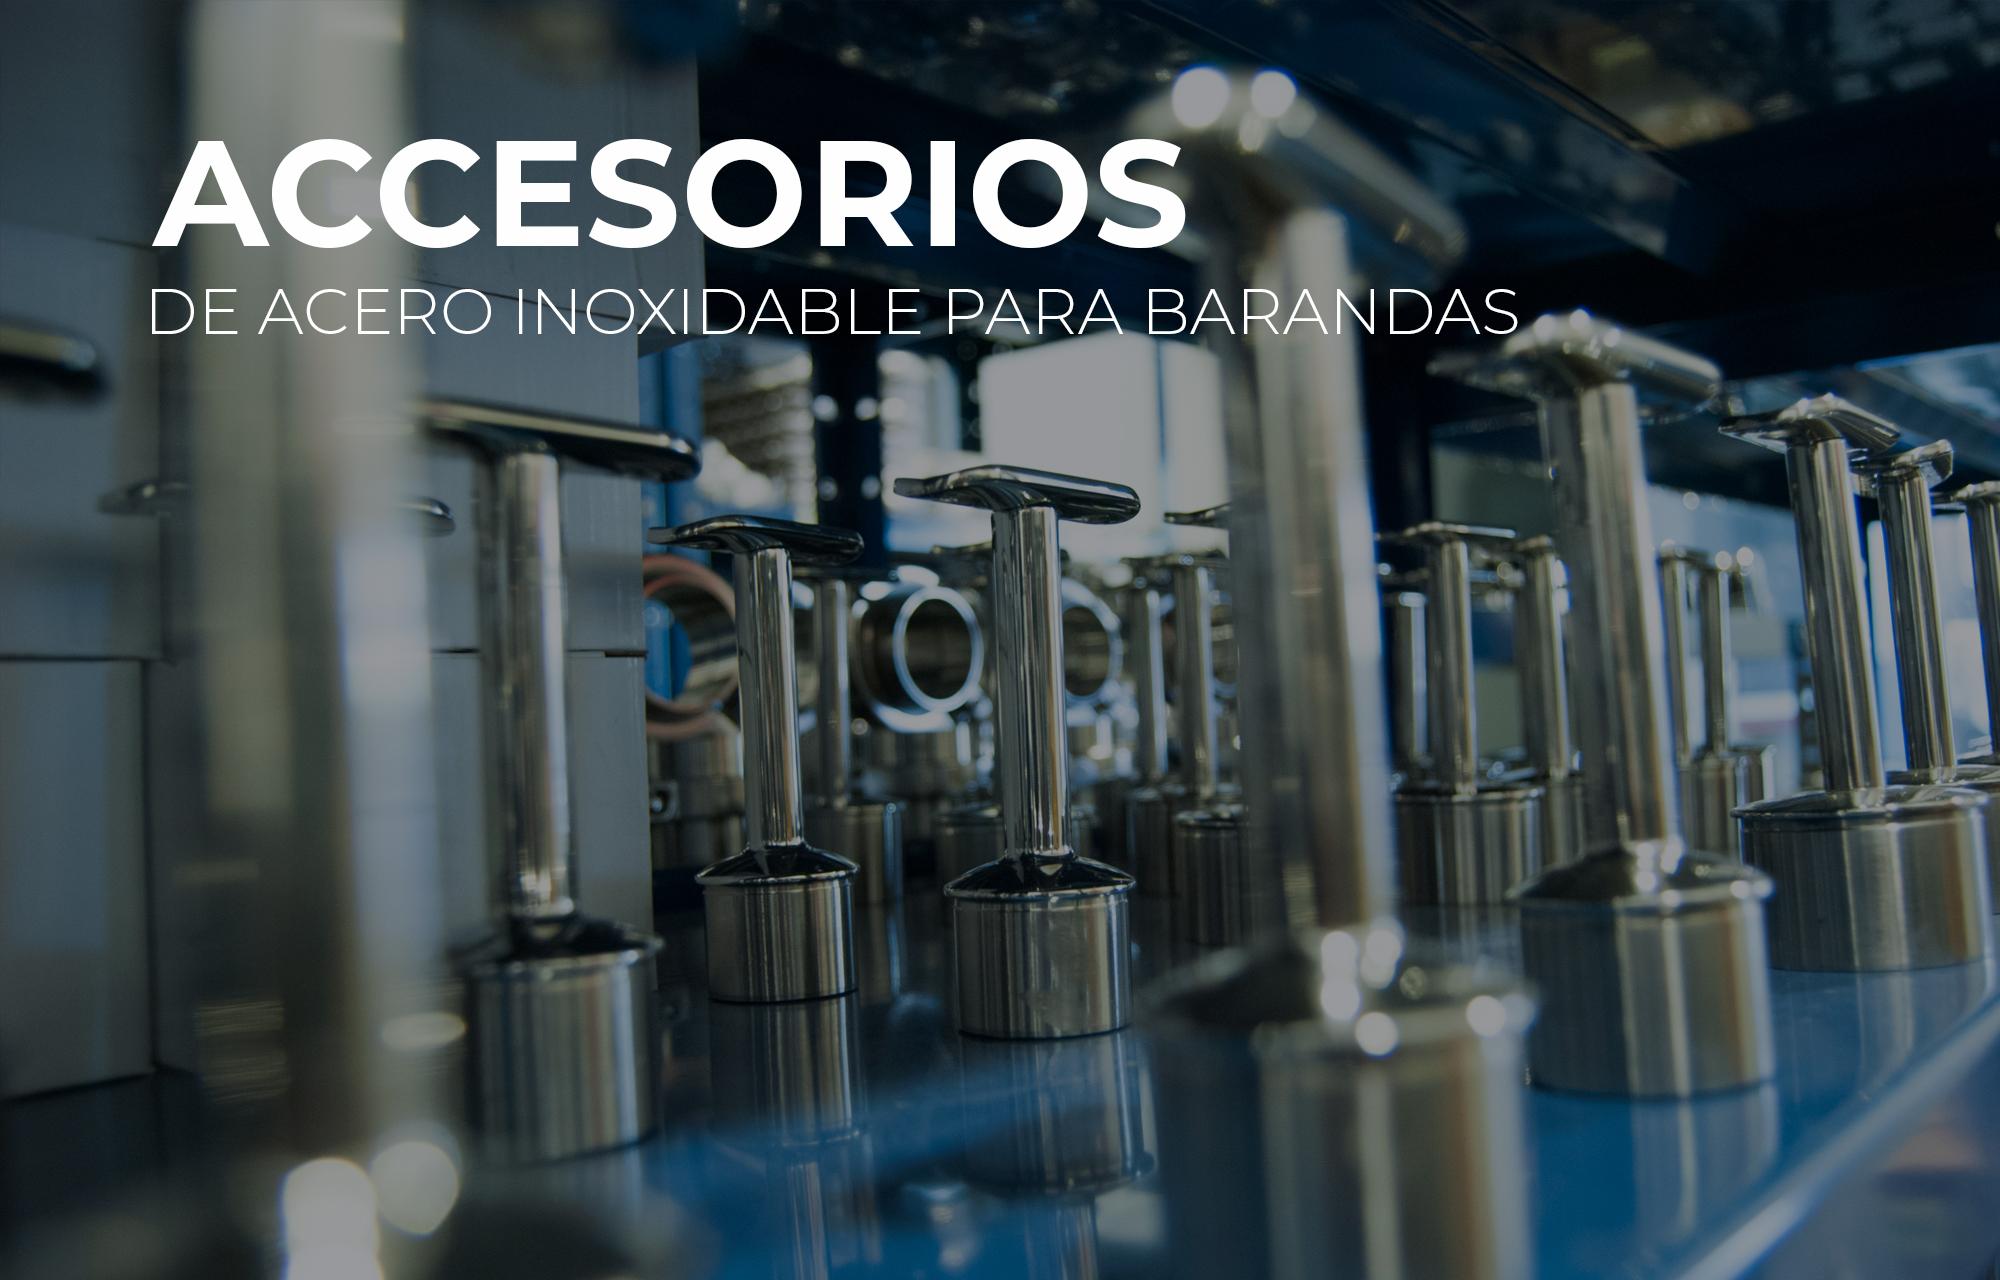 Accesorios de Acero Inoxidable para Barandas